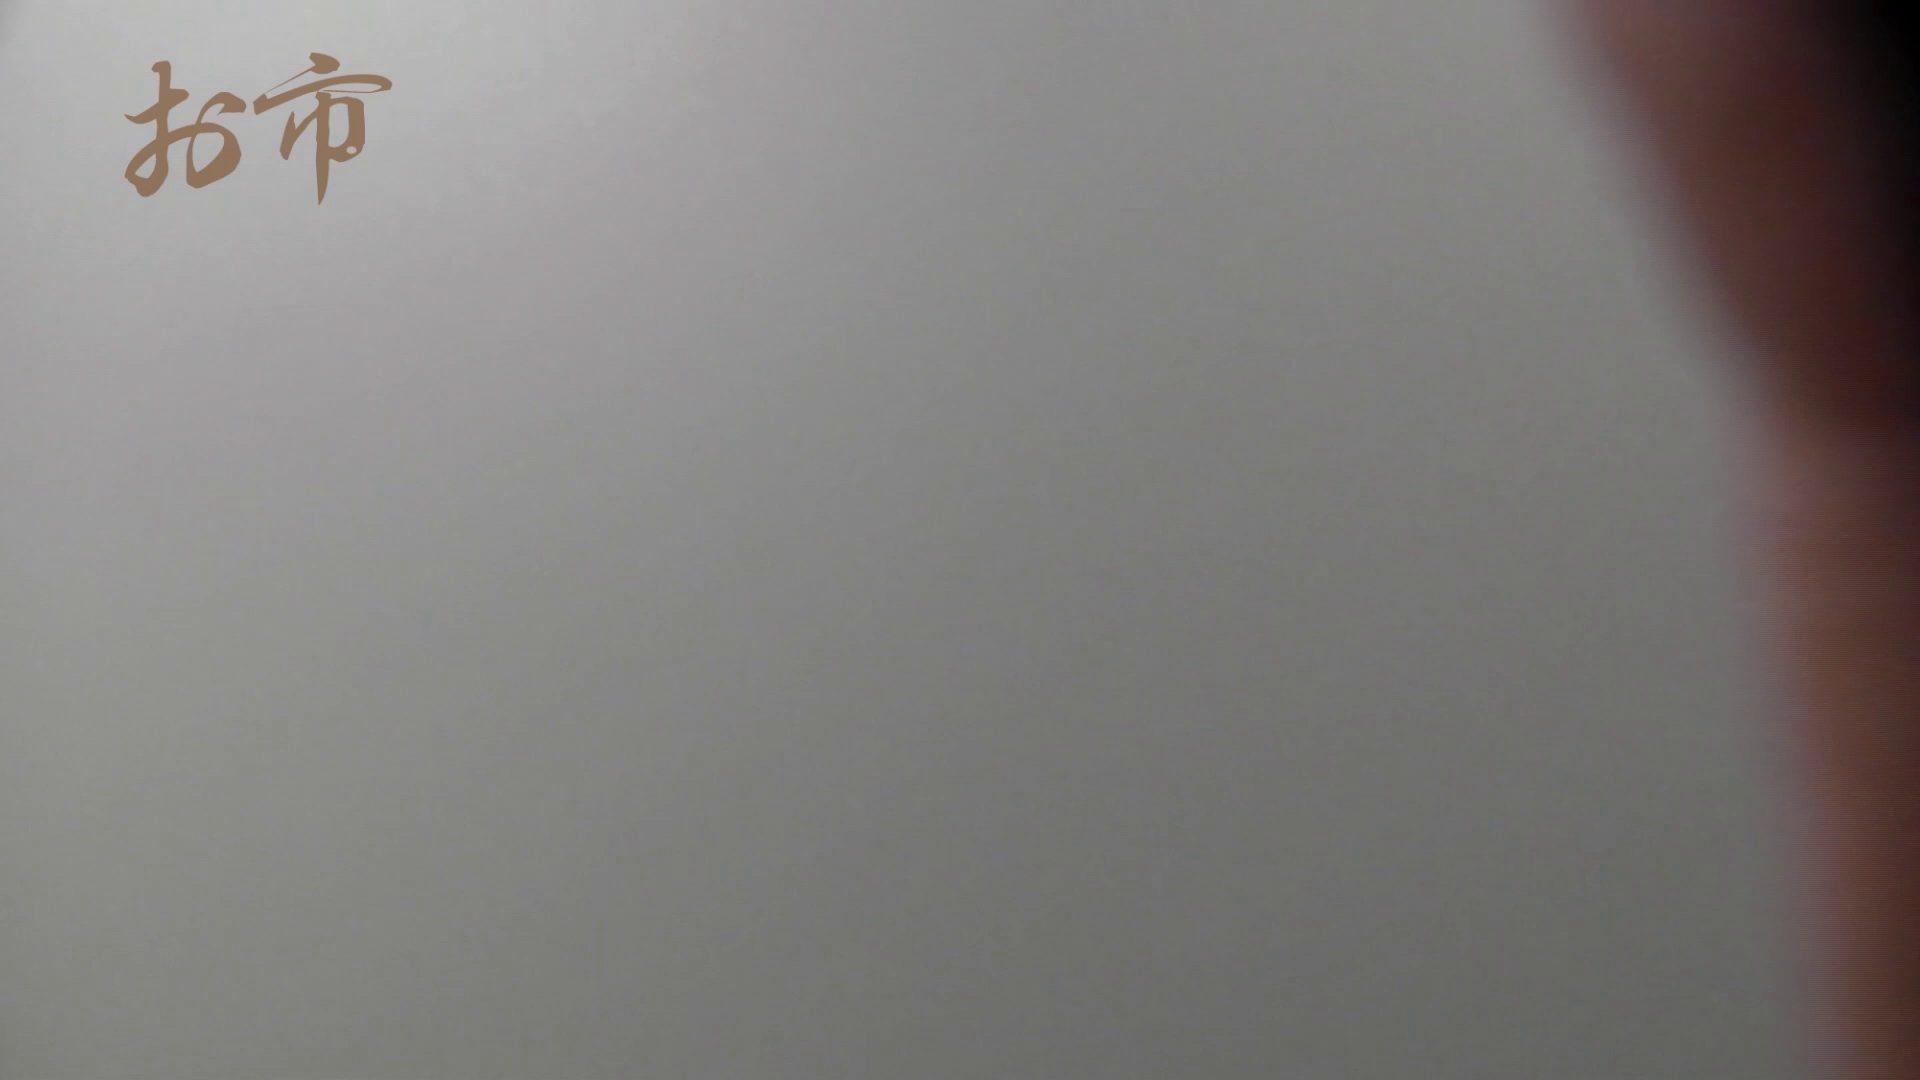 潜入!!台湾名門女学院 Vol.12 長身モデル驚き見たことないシチュエーション エロいOL 濡れ場動画紹介 31枚